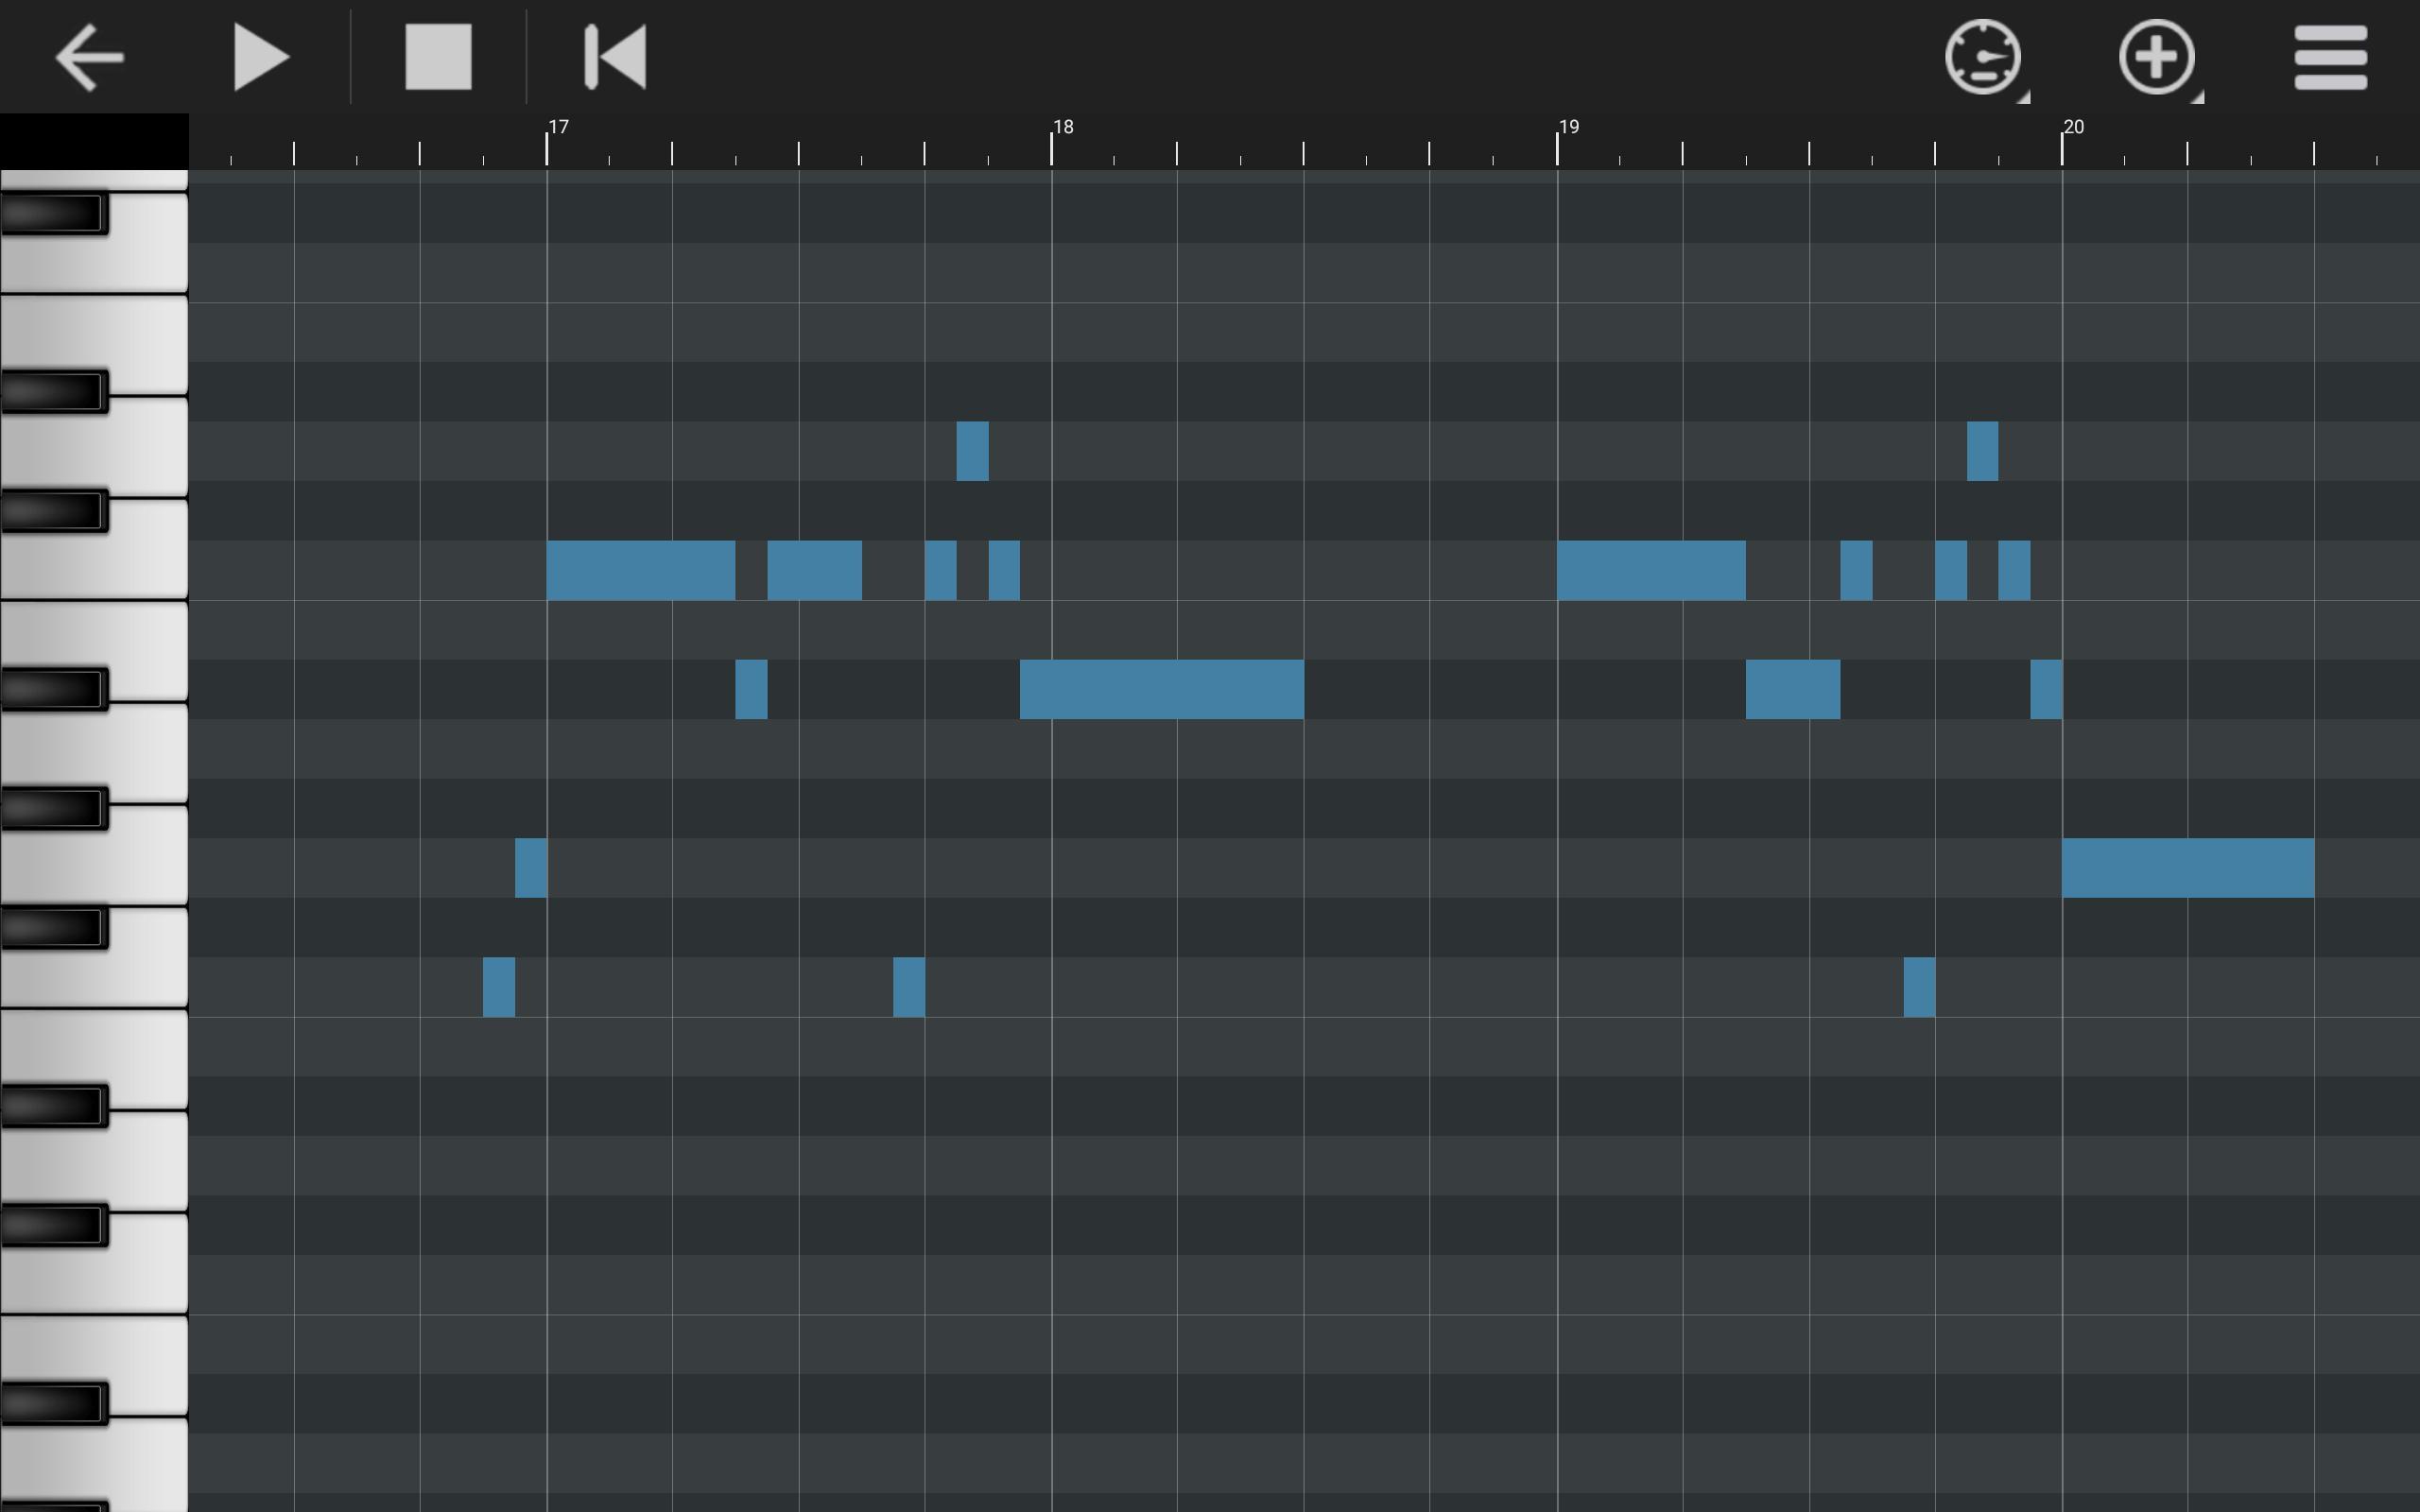 Walk Band Multitracks Music 7.4.1 Screenshot 16